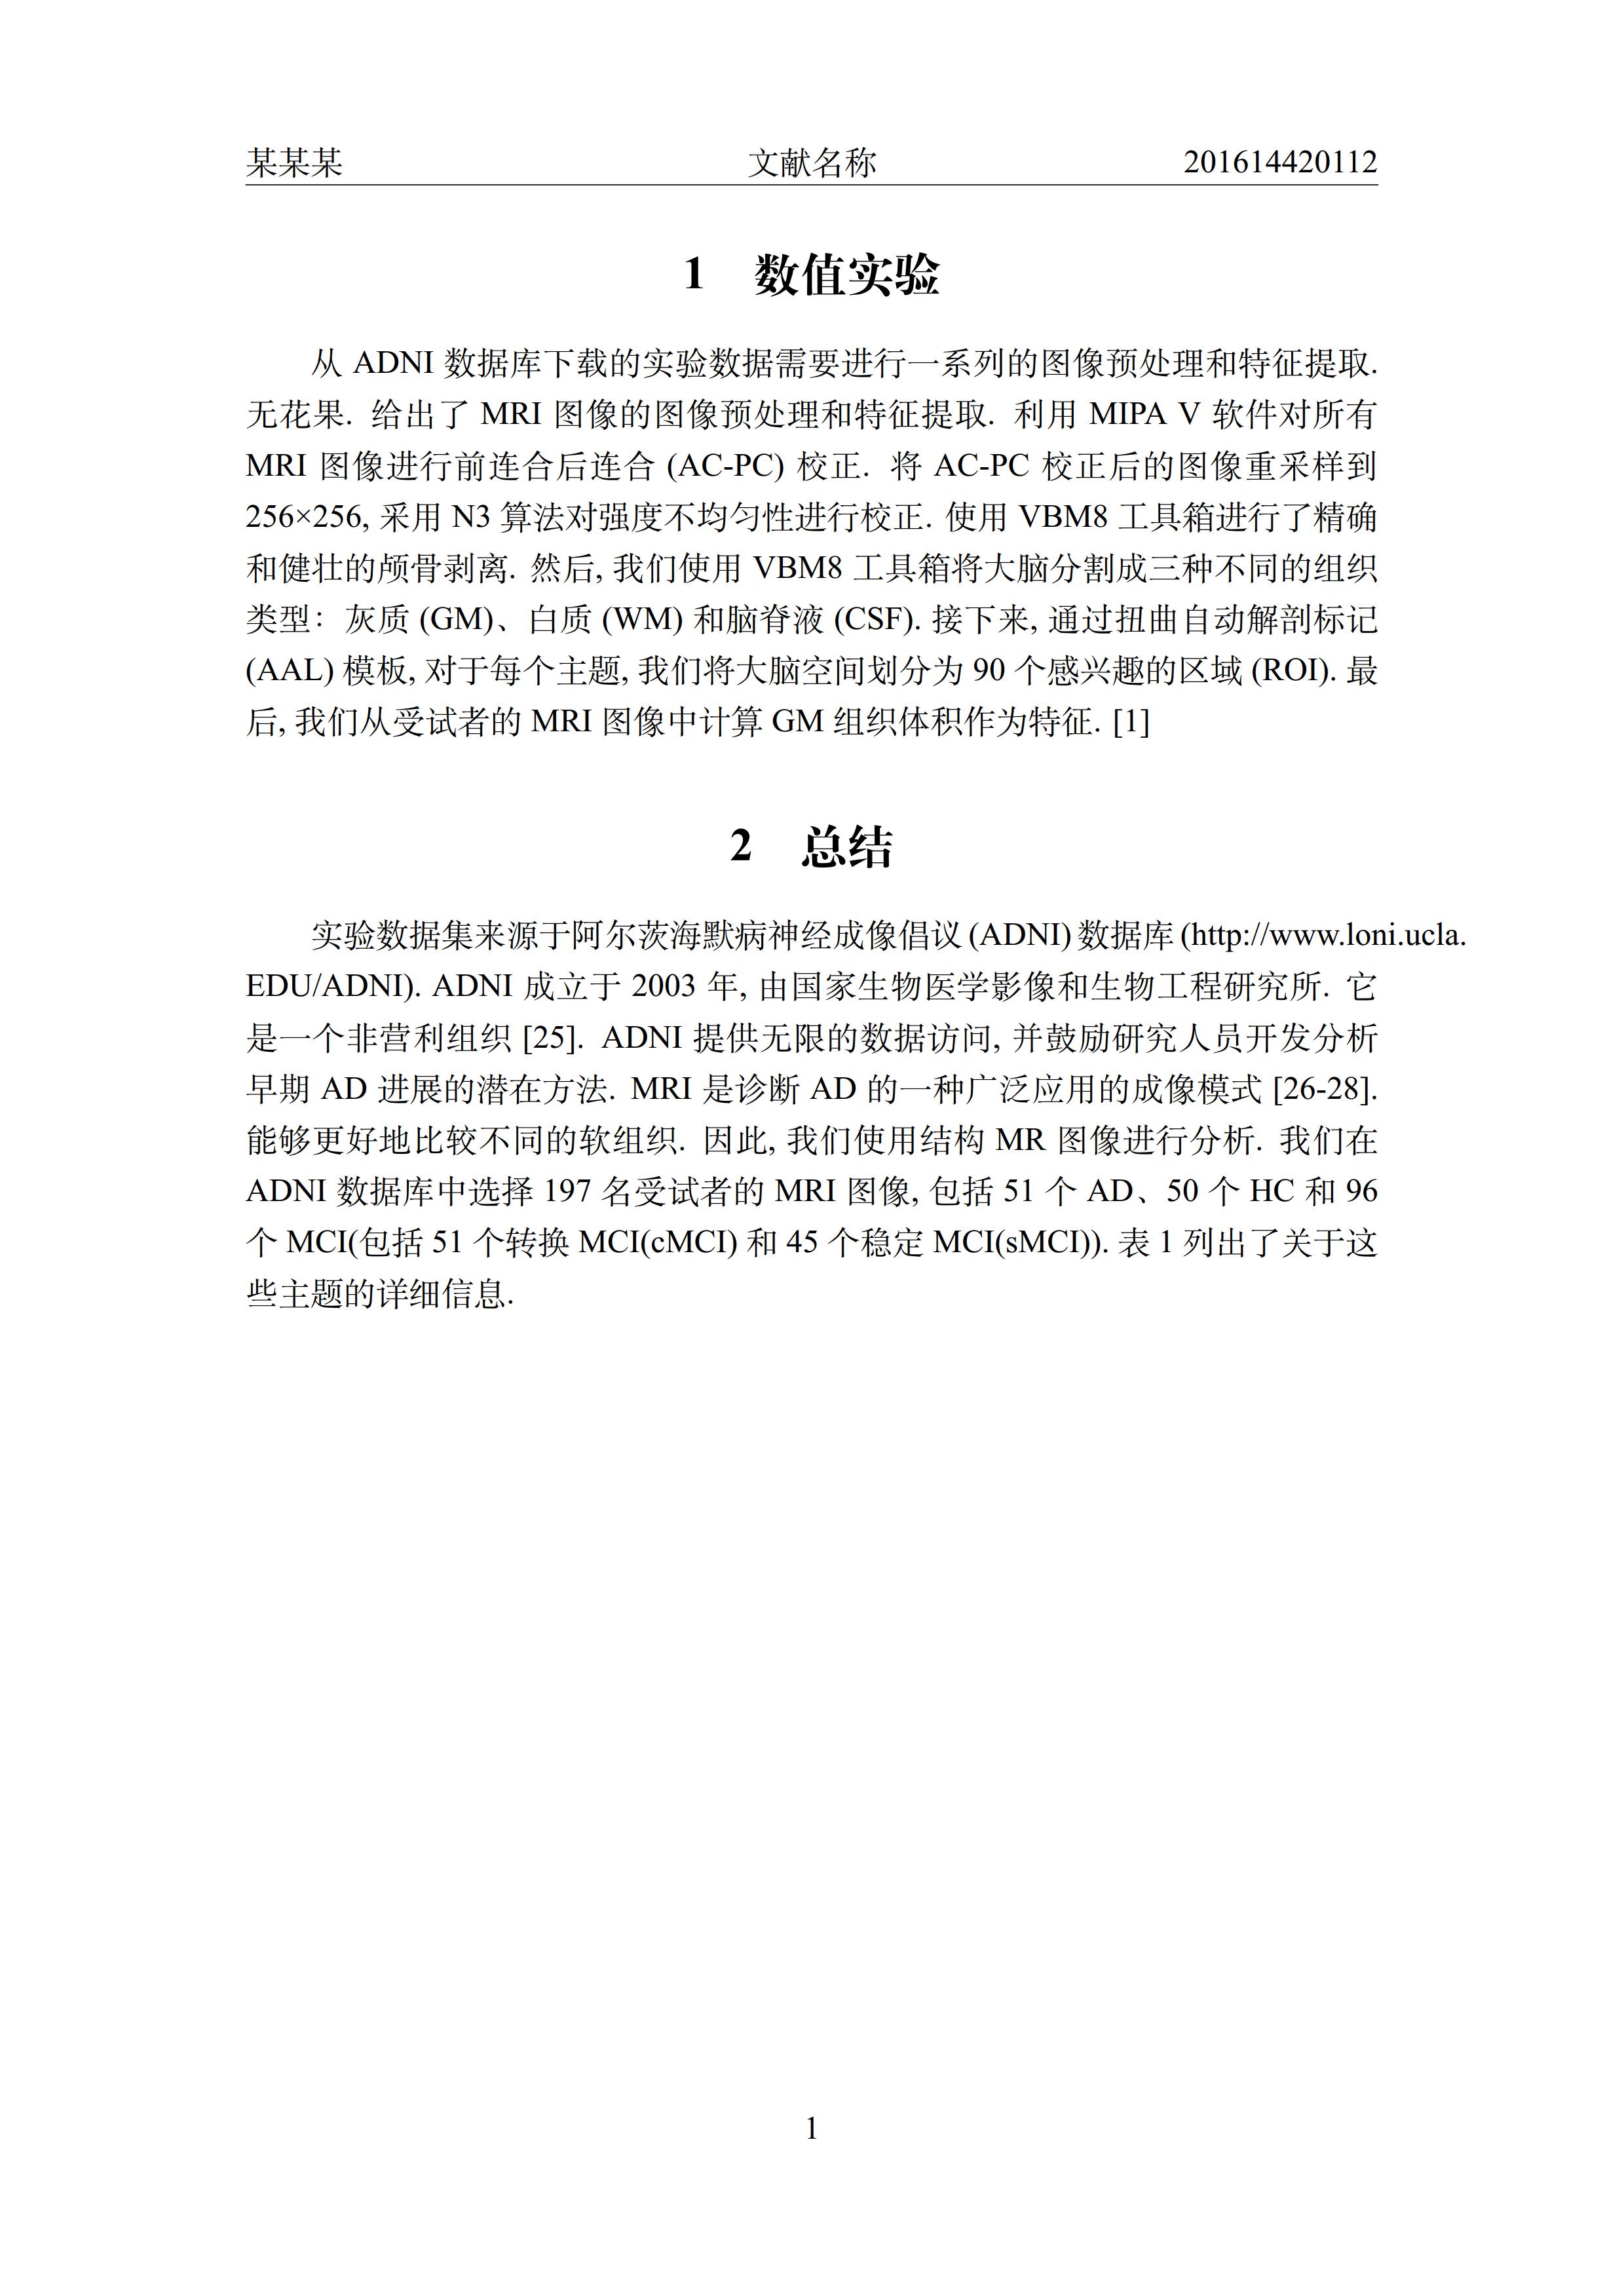 LaTeX 排版文献阅读笔记